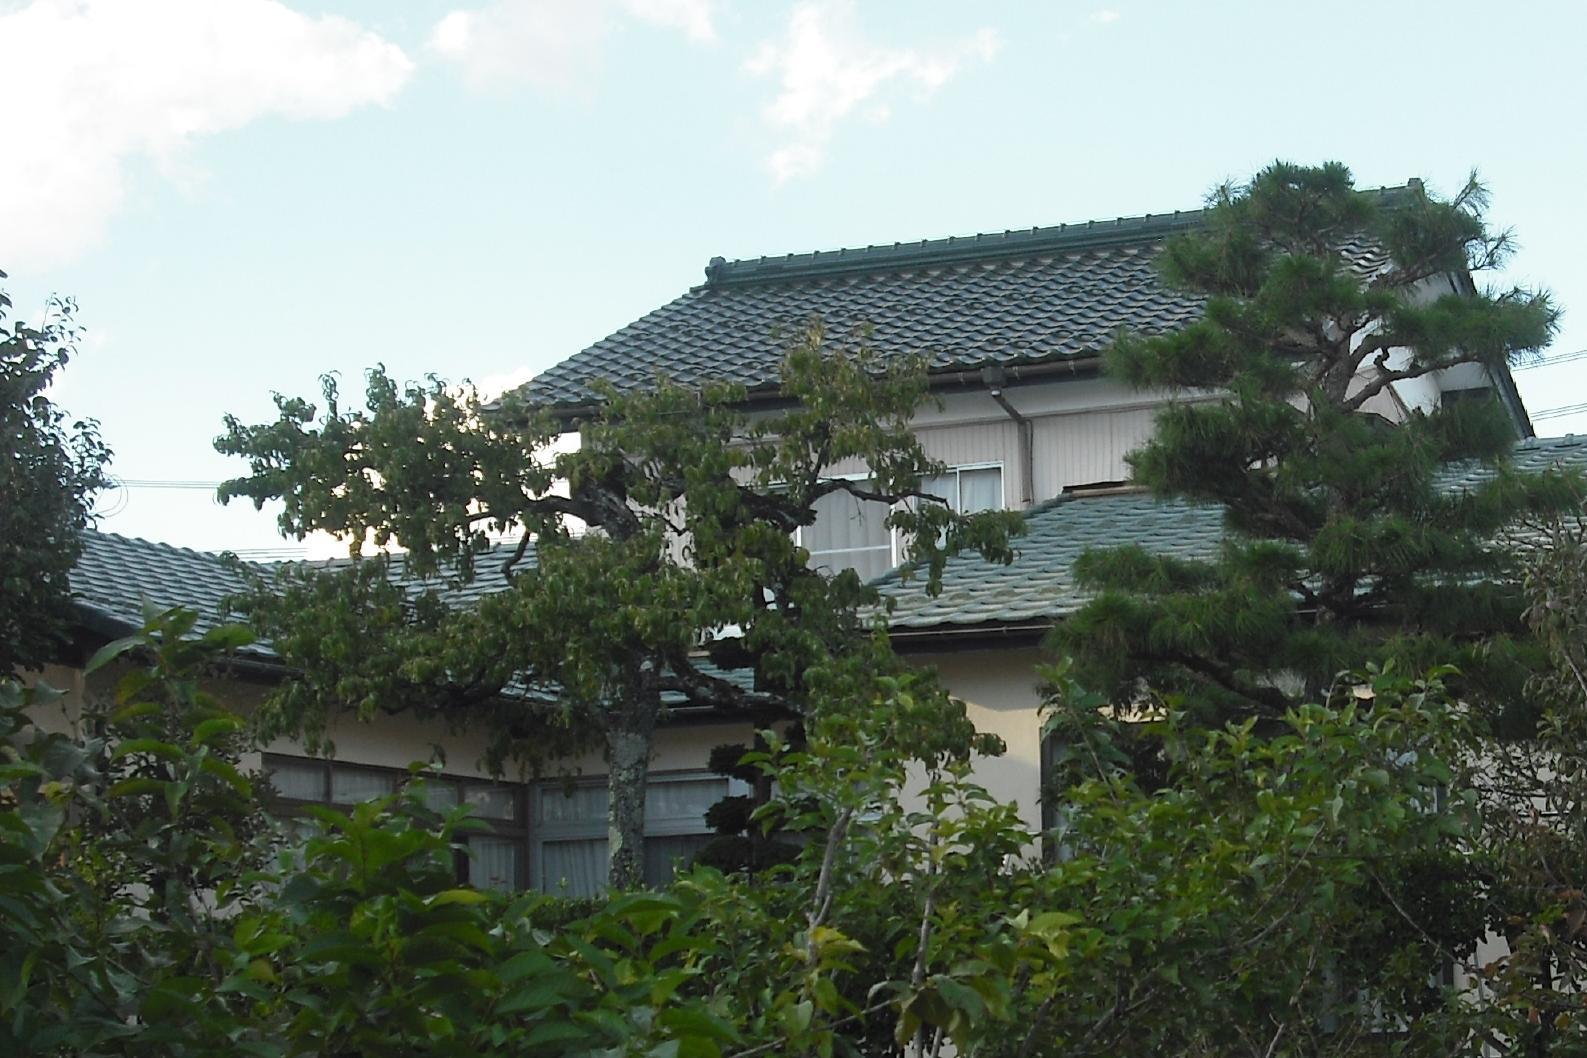 岐阜県 葺き替え 屋根工事 渡辺瓦店